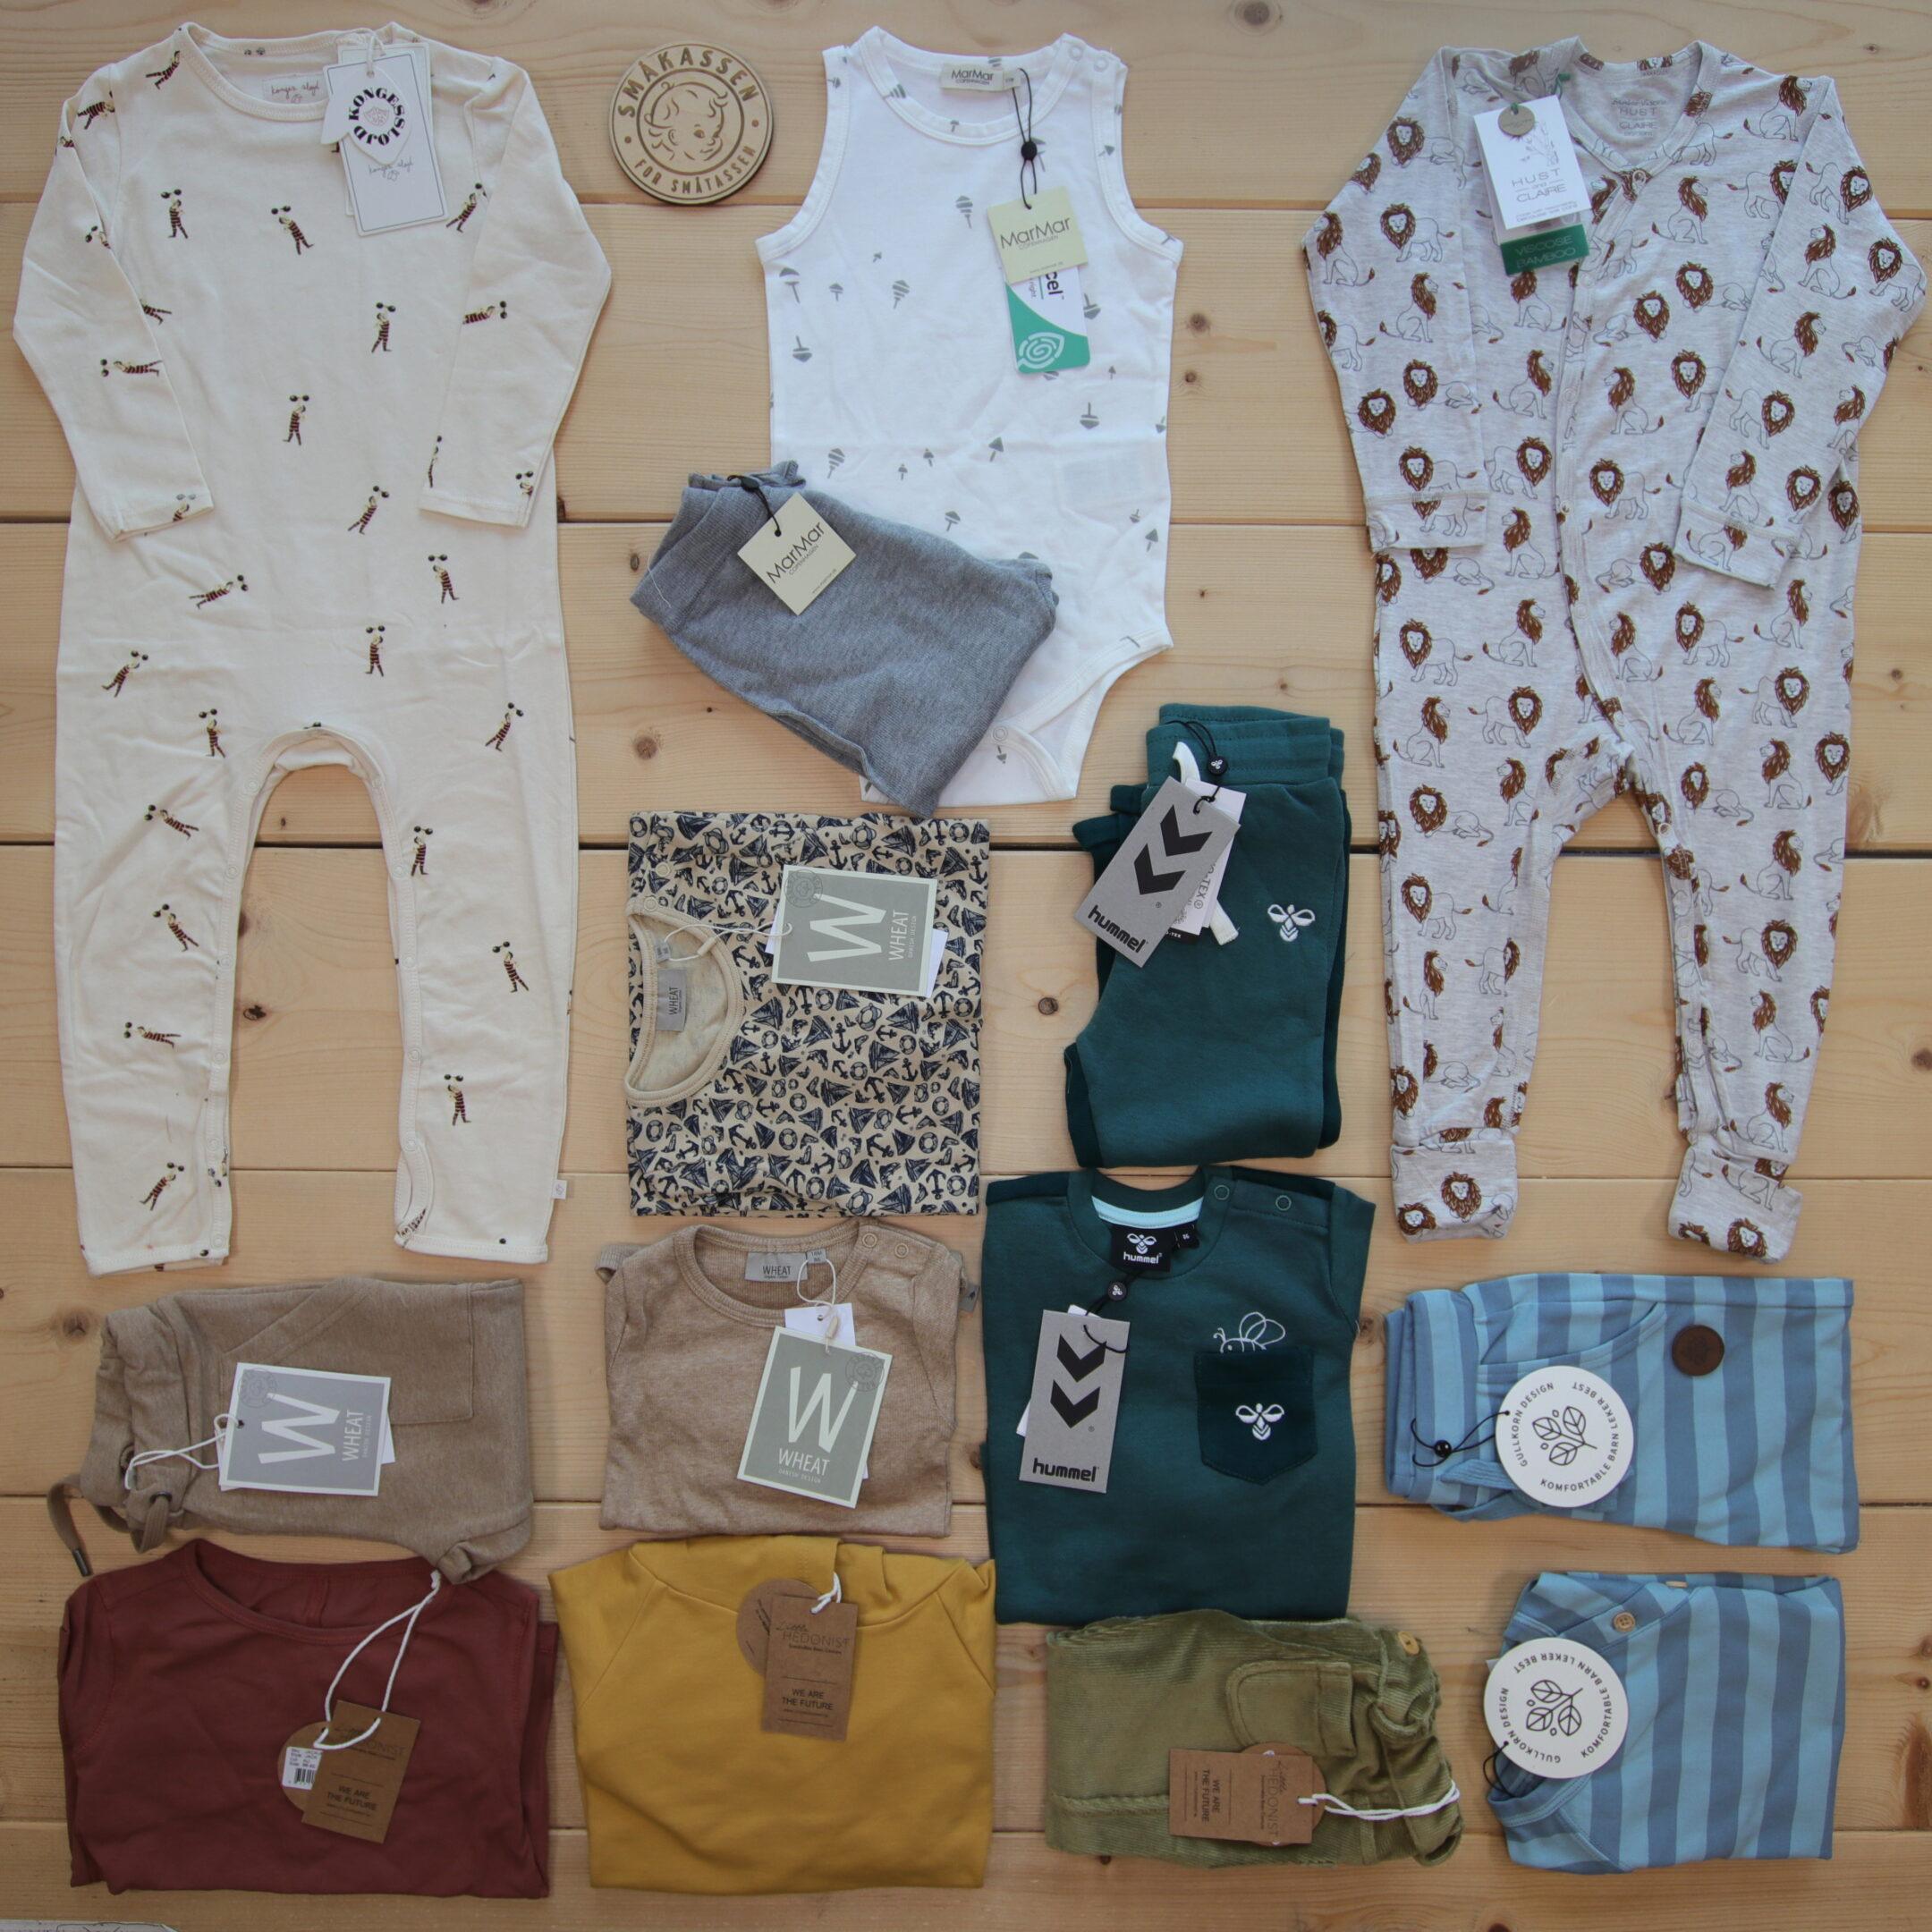 Dette er Småpakke som vi forberedte for en gutt i stilene cute, cool, og minimalistic